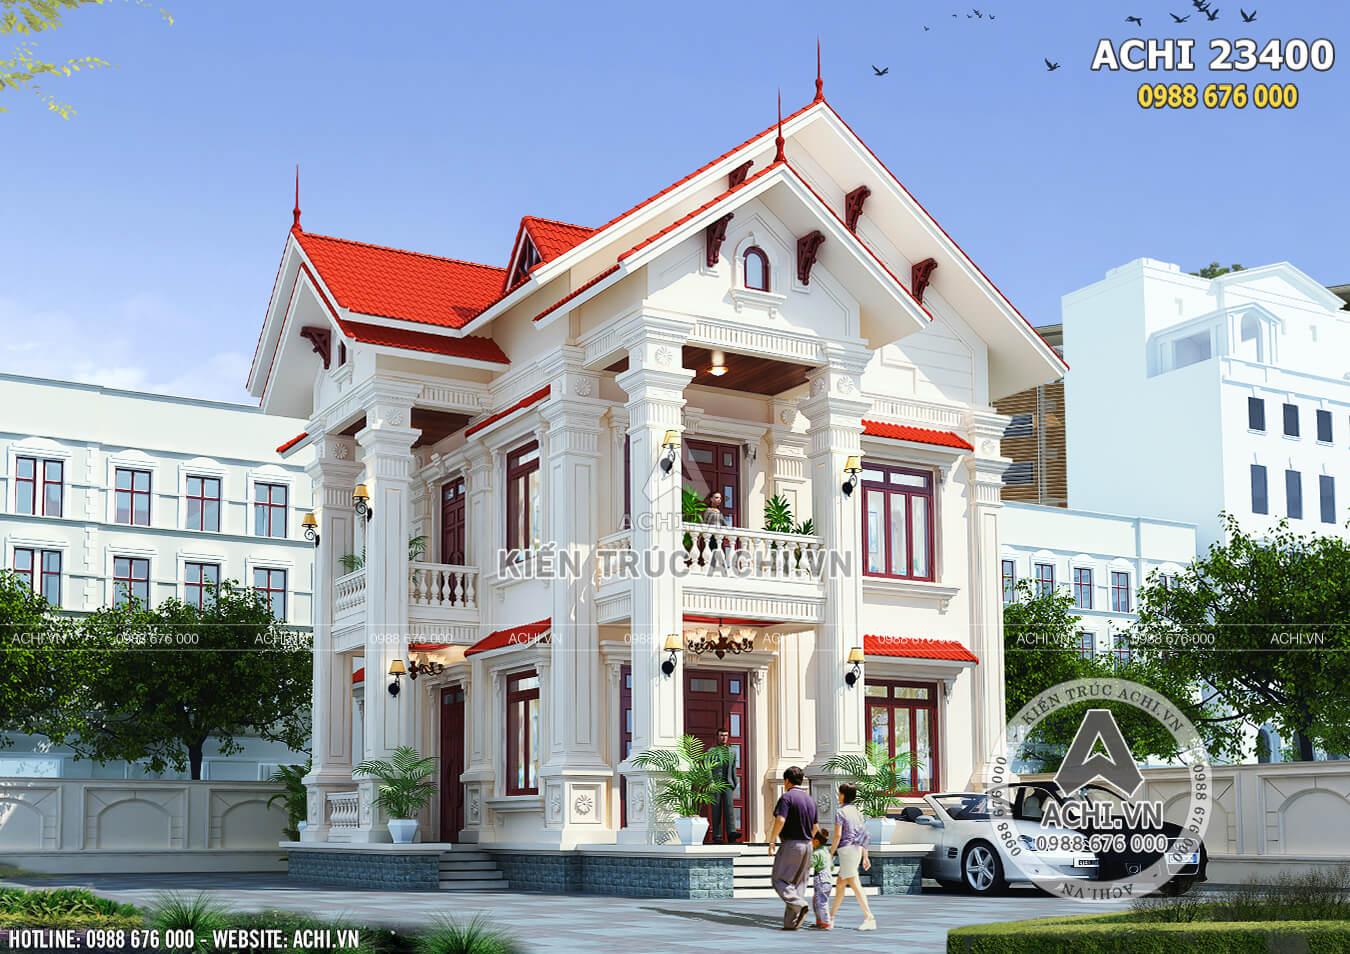 Tổng thể ngôi biệt thự 2 tầng tân cổ điển sang trọng